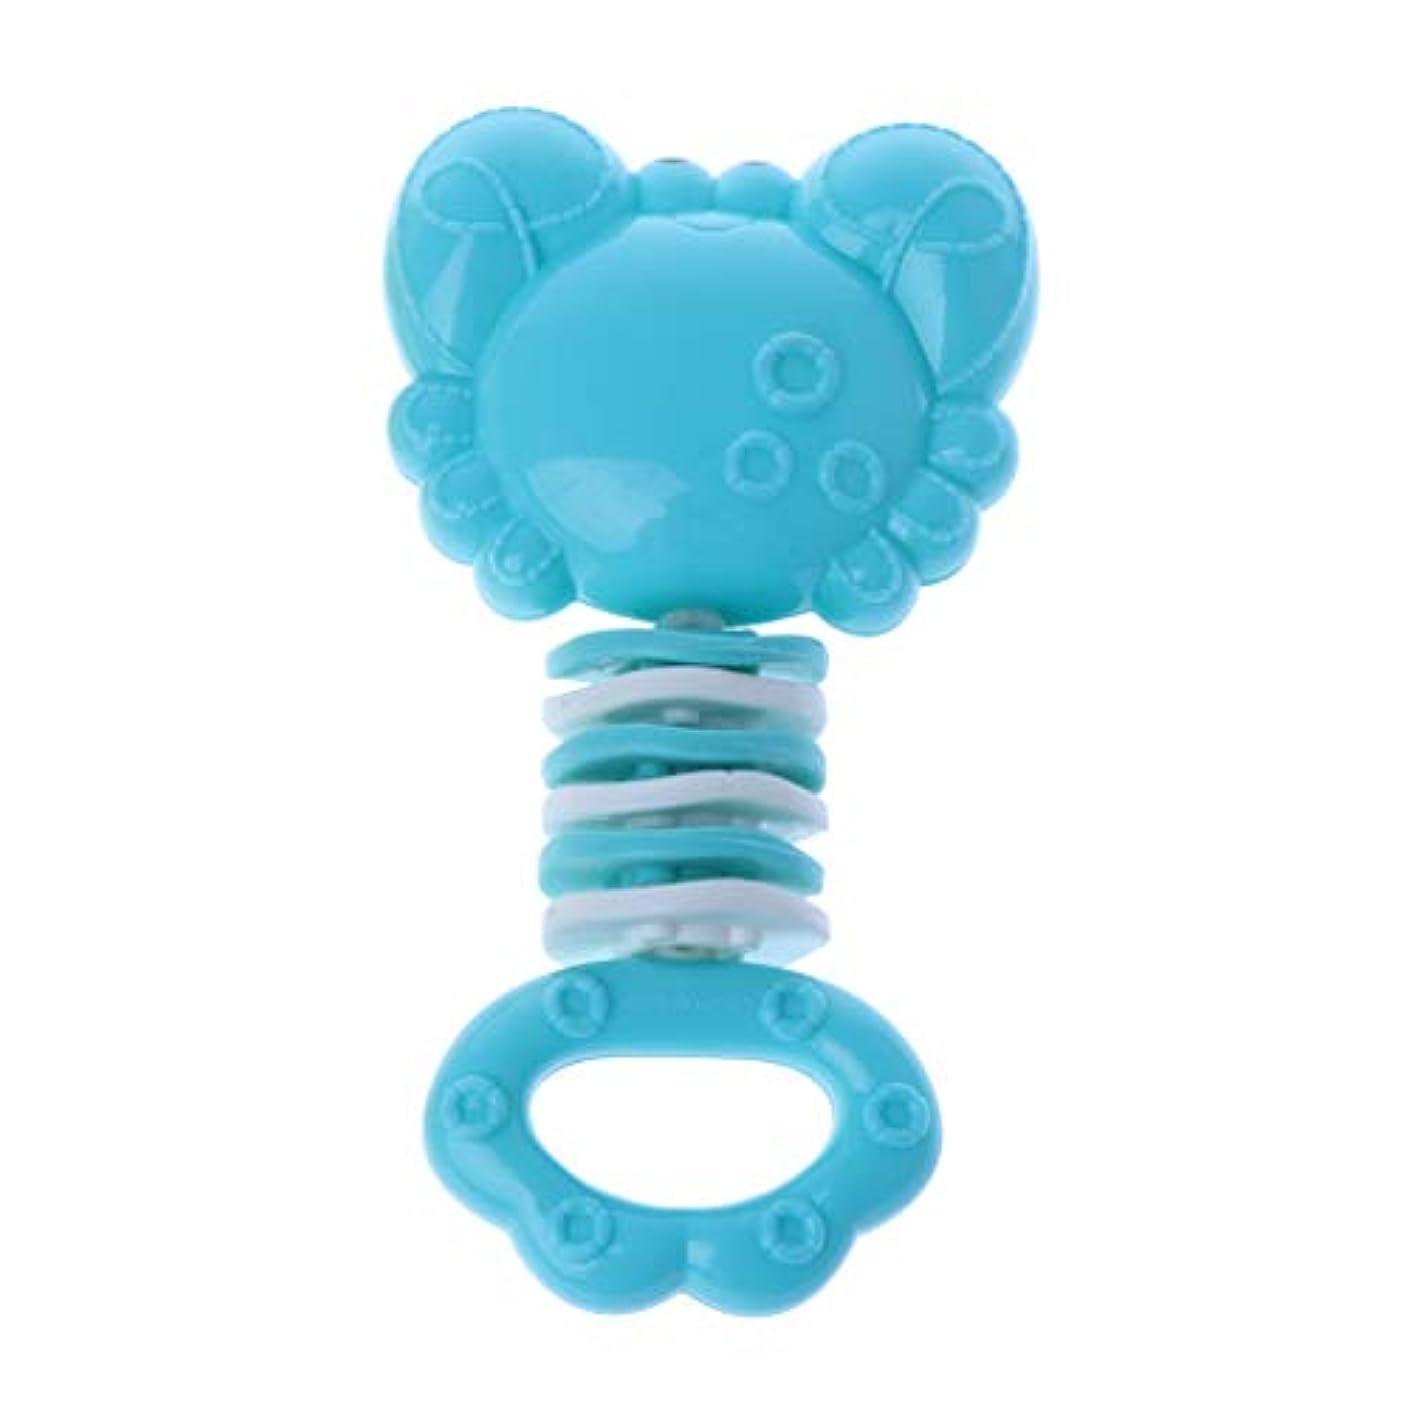 脆い考古学和Landdumシリコーン歯が生える癒しのおもちゃ赤ちゃんのおしゃぶりスティック固体の歯の赤ちゃんのガラガラのおしゃぶり玩具グッタ臼歯バーベル - カニ